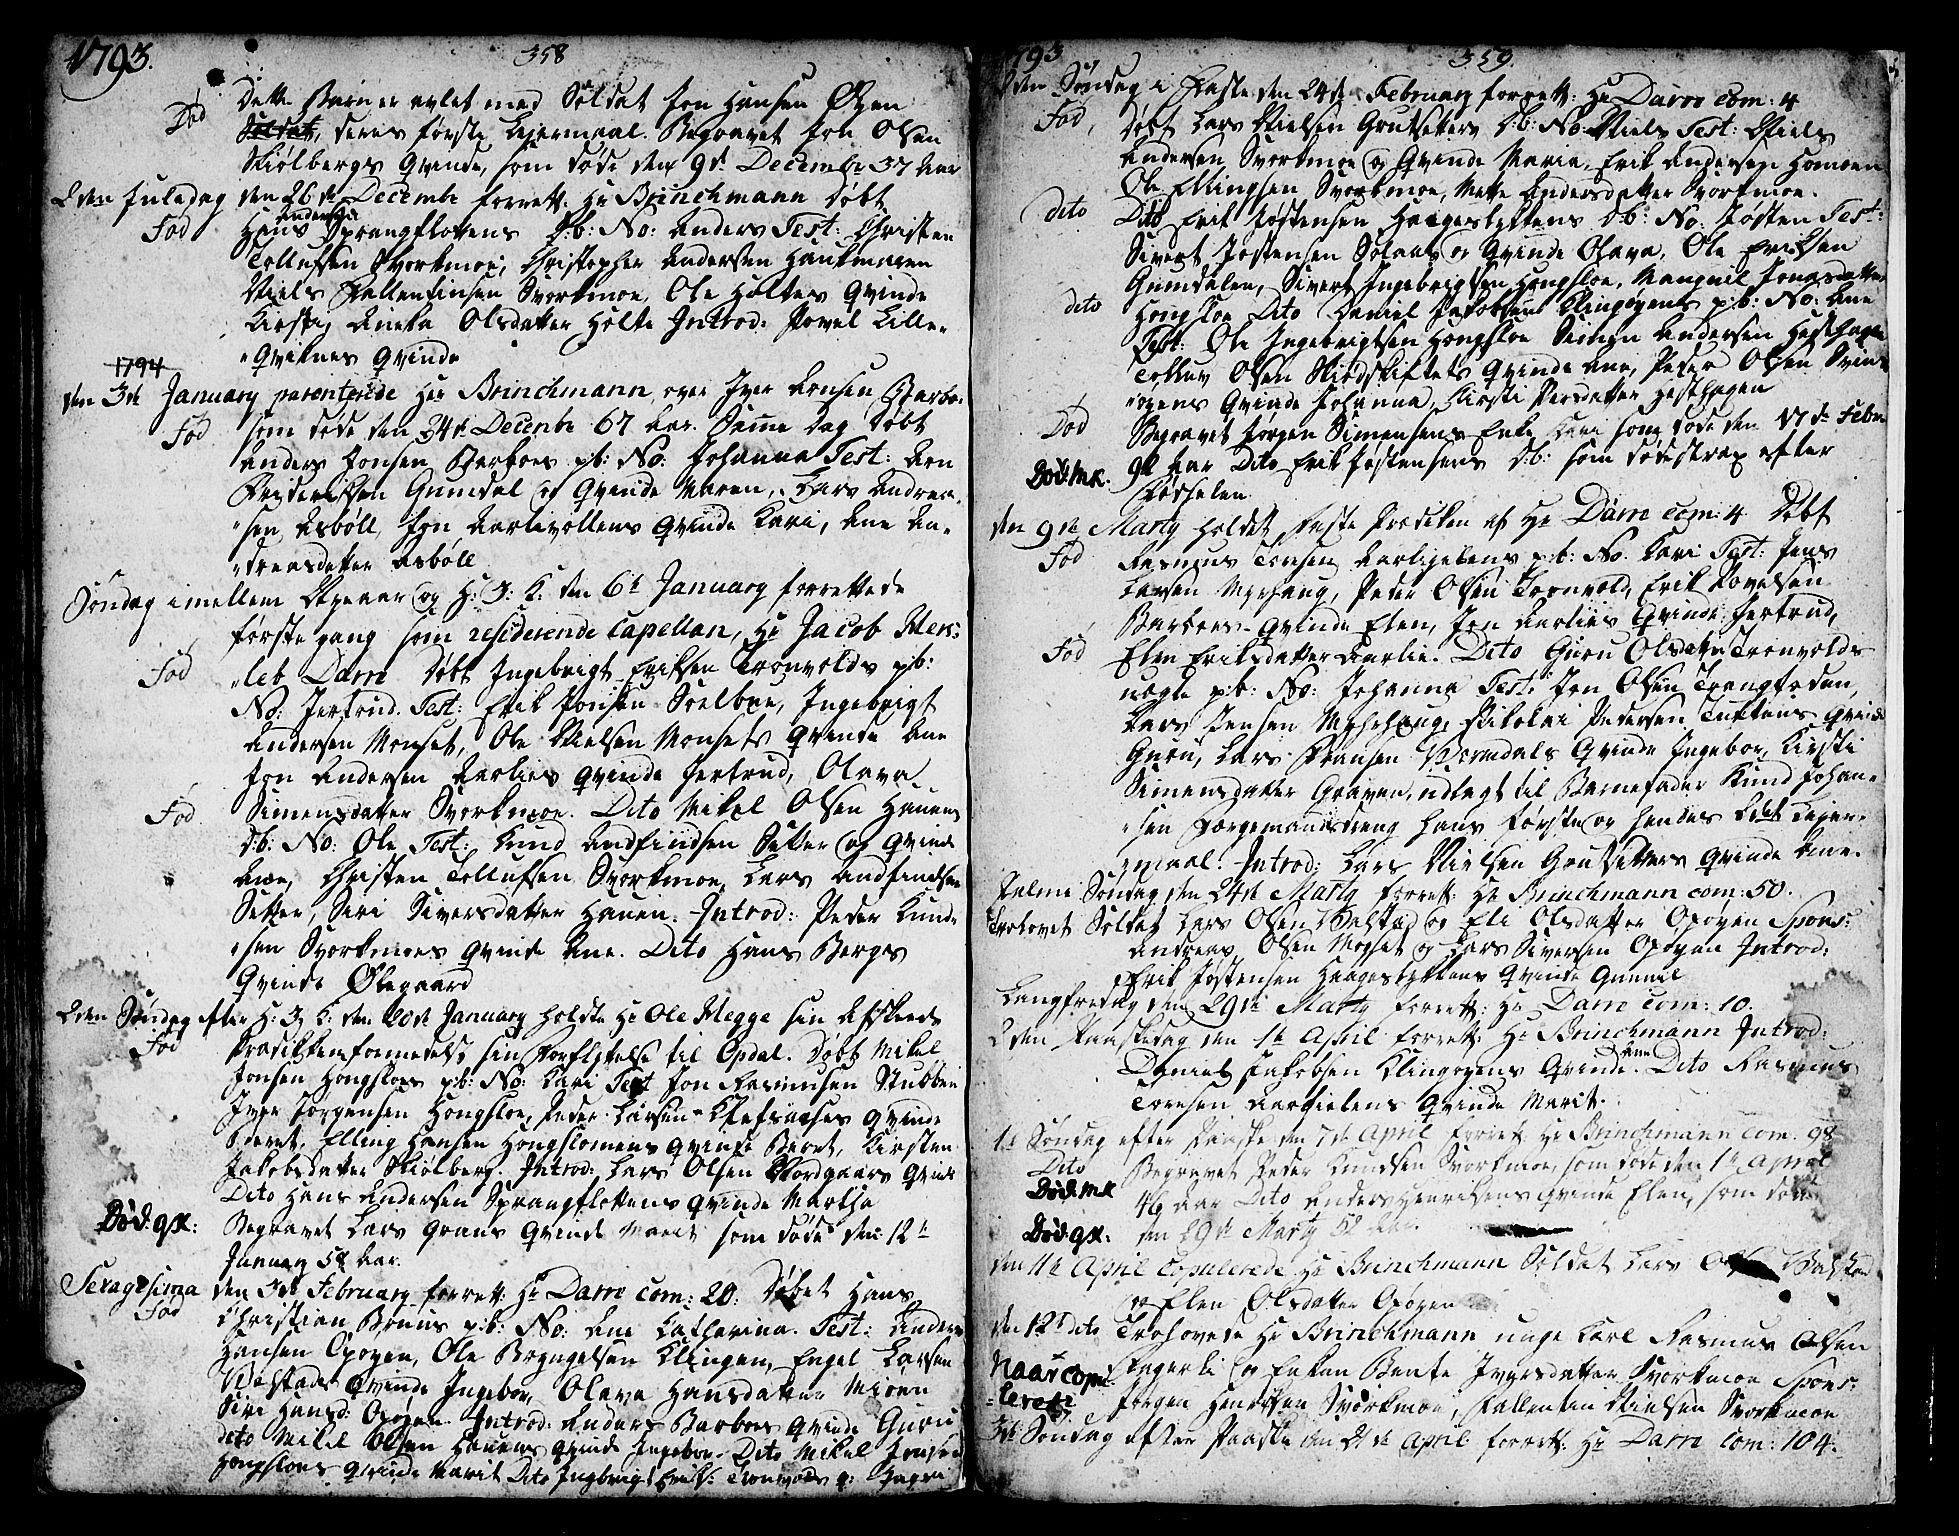 SAT, Ministerialprotokoller, klokkerbøker og fødselsregistre - Sør-Trøndelag, 671/L0840: Ministerialbok nr. 671A02, 1756-1794, s. 358-359